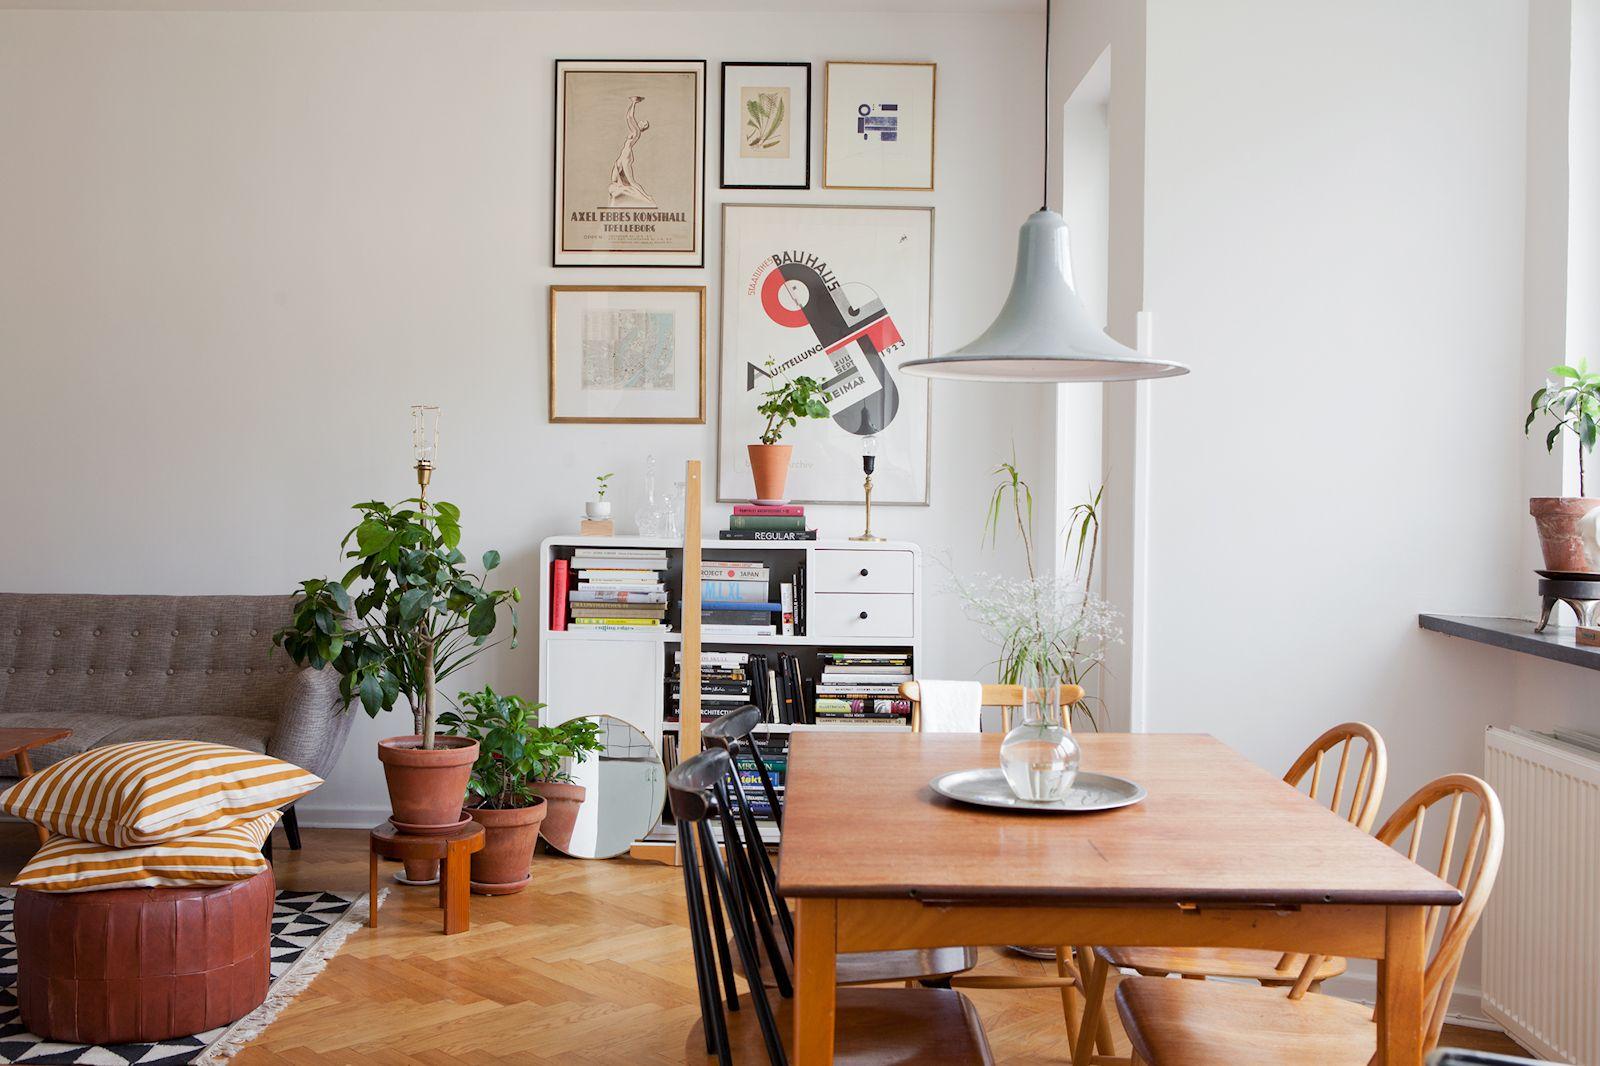 Departamento de 2 ambientes en estilo n rdico y vintage for Departamentos decorados estilo vintage